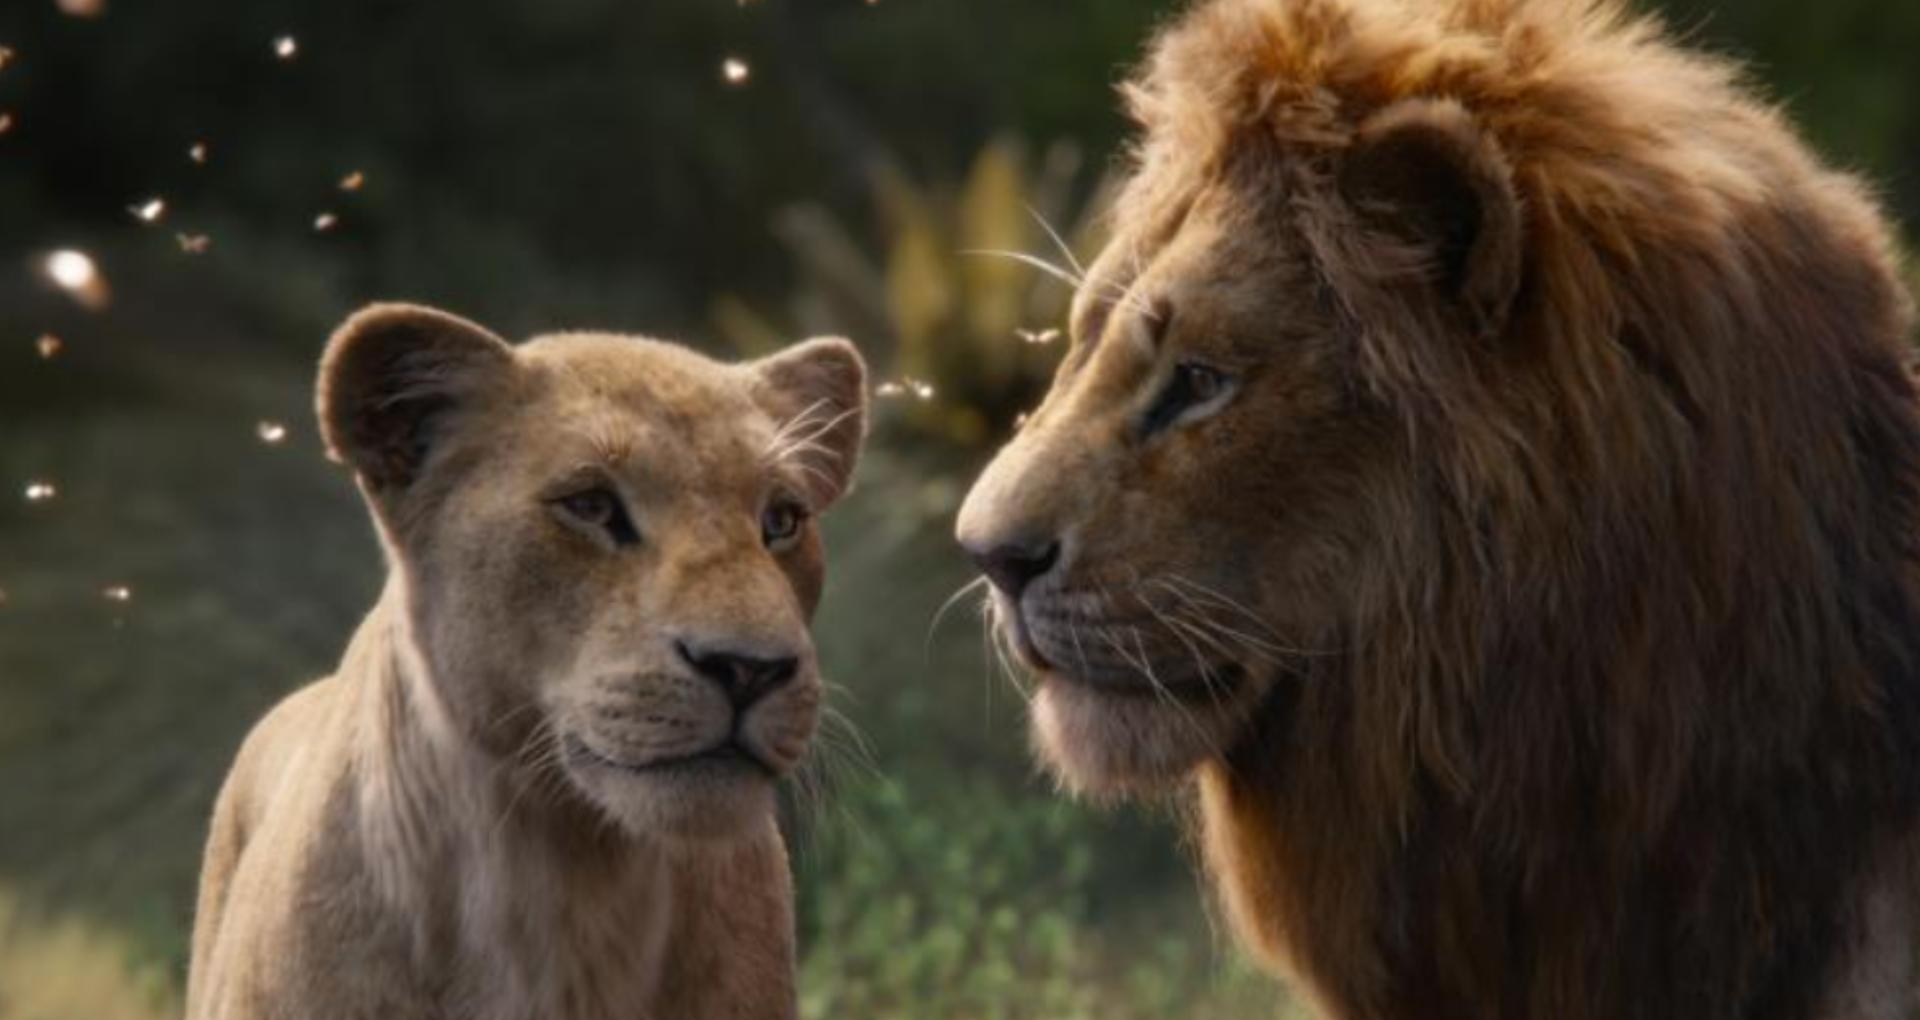 The Lion King Movie Review: शानदार विजुअल इफेक्ट, दमदार वॉयस ओवर, लेकिन इमोशनल टच देने में नाकामयाब रही फिल्म